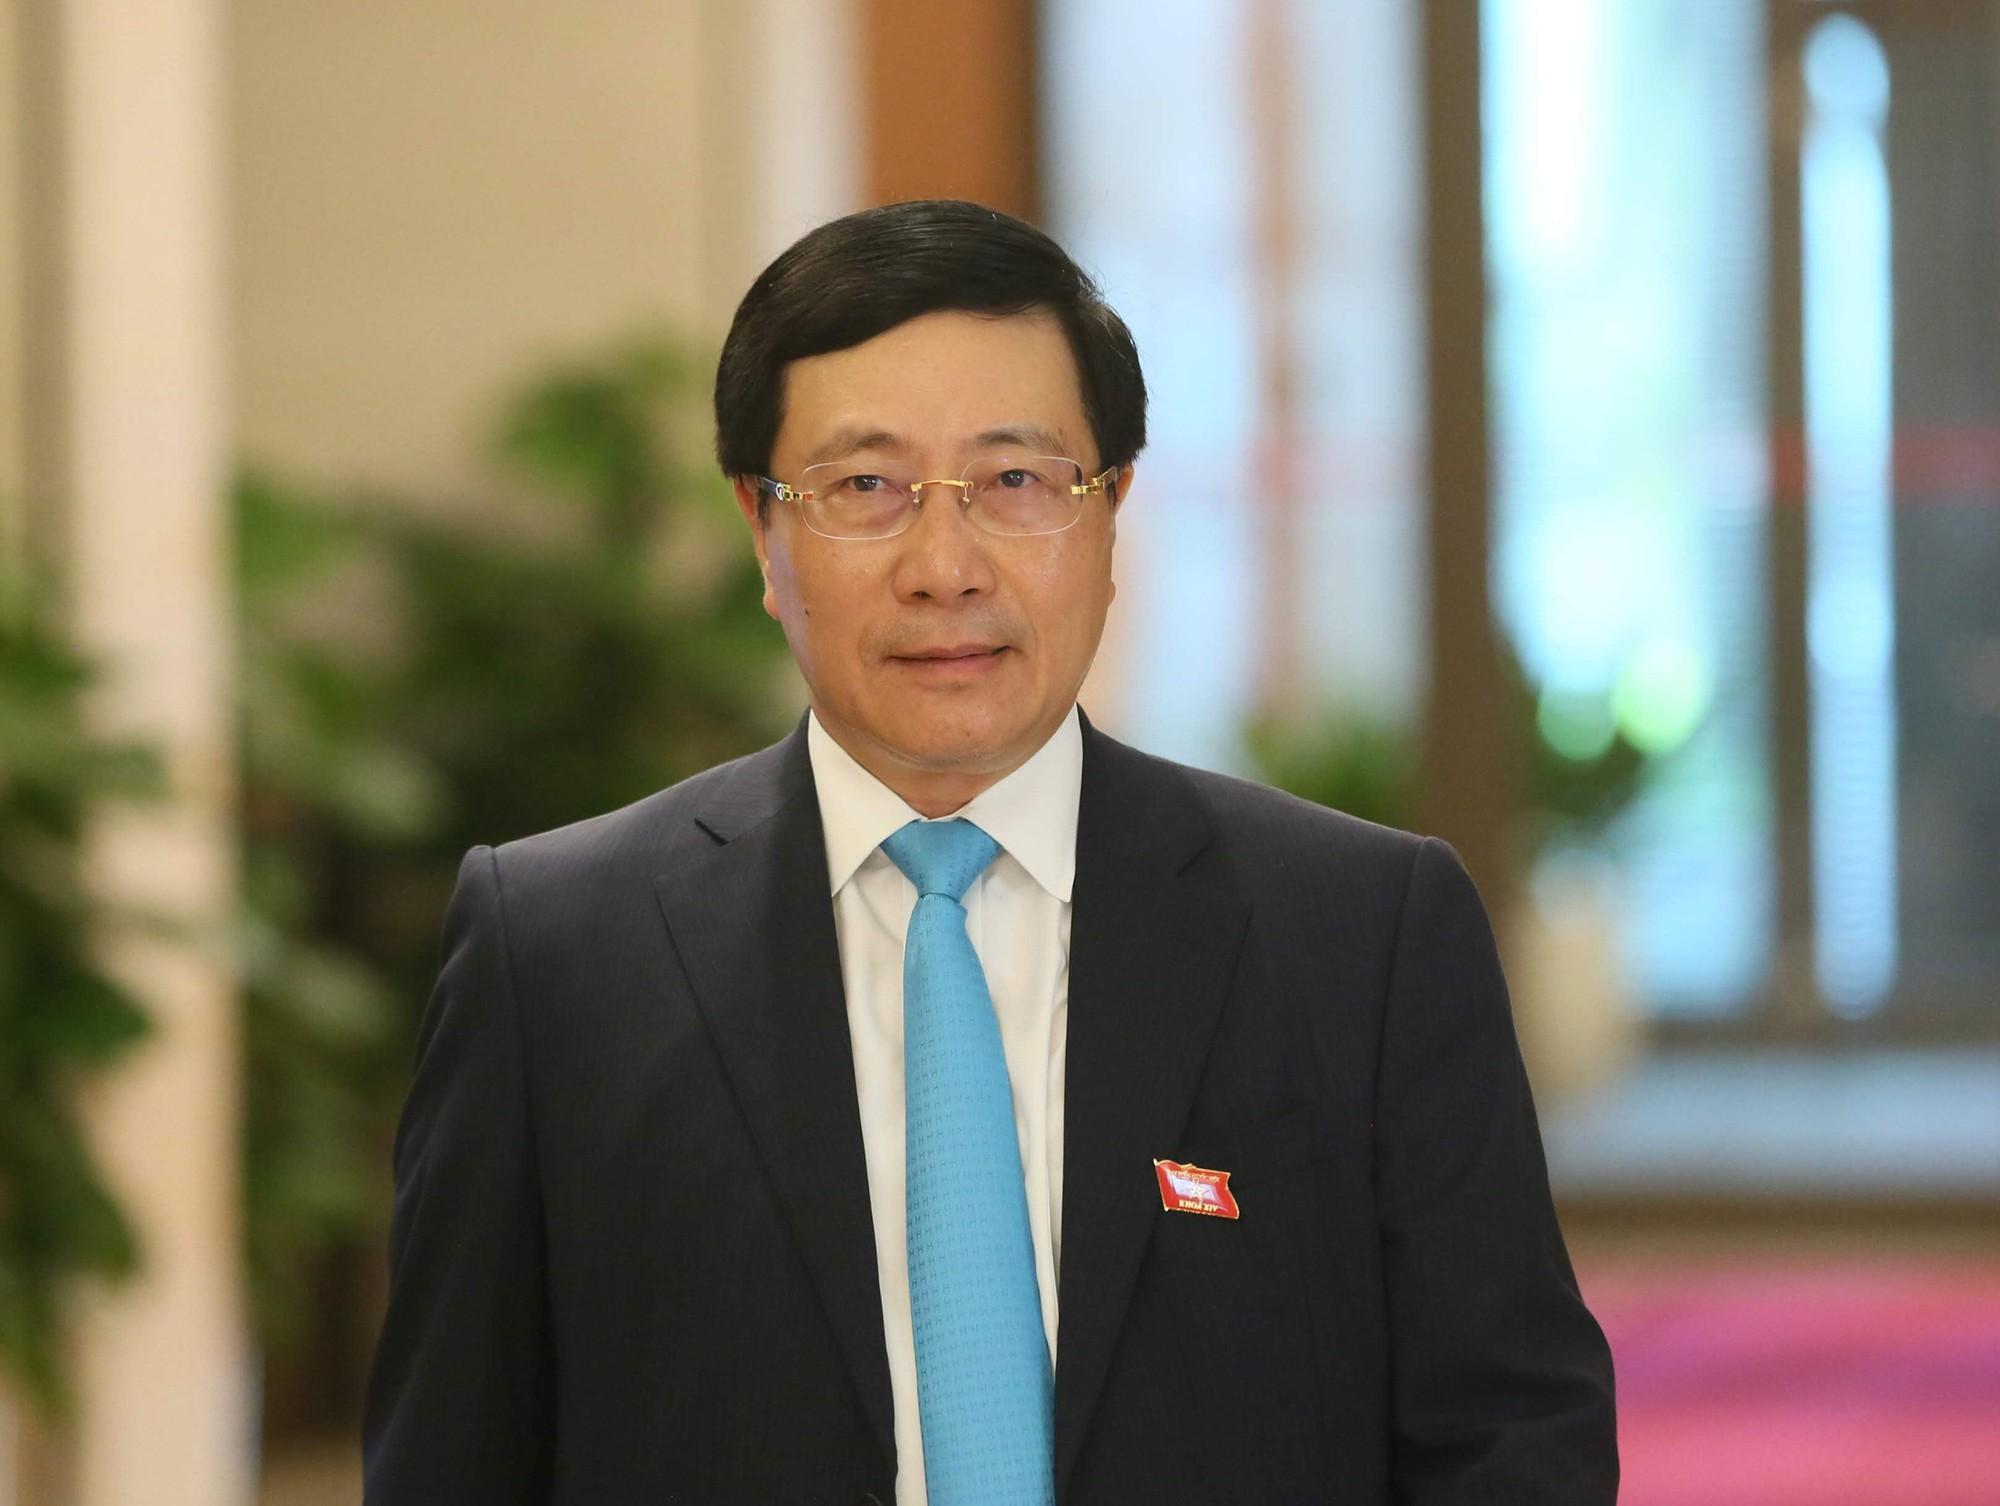 Phó Thủ tướng - Bộ trưởng Ngoại giao nói về diễn biến vụ 39 người trong container tại Anh - Ảnh 1.